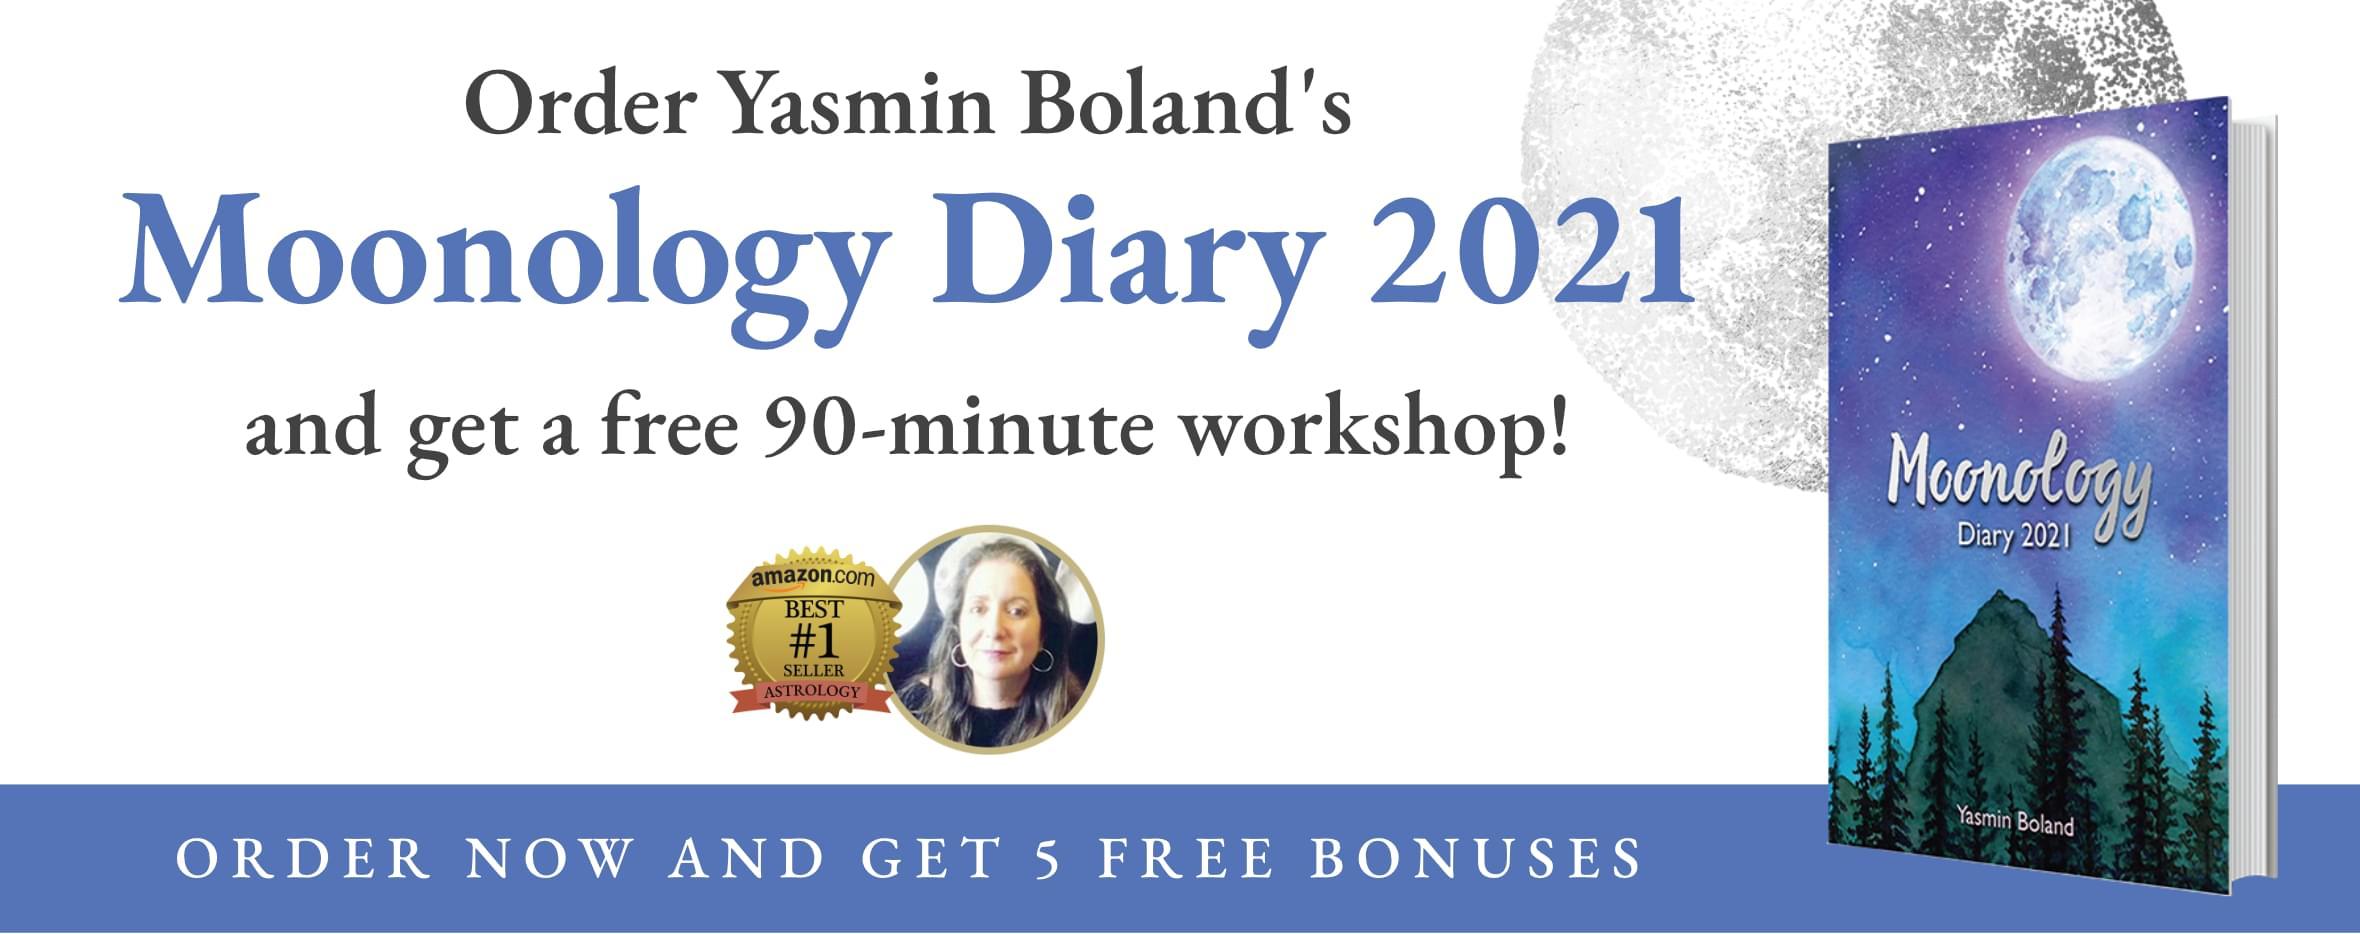 Yasmin Boland Daily Horoscope